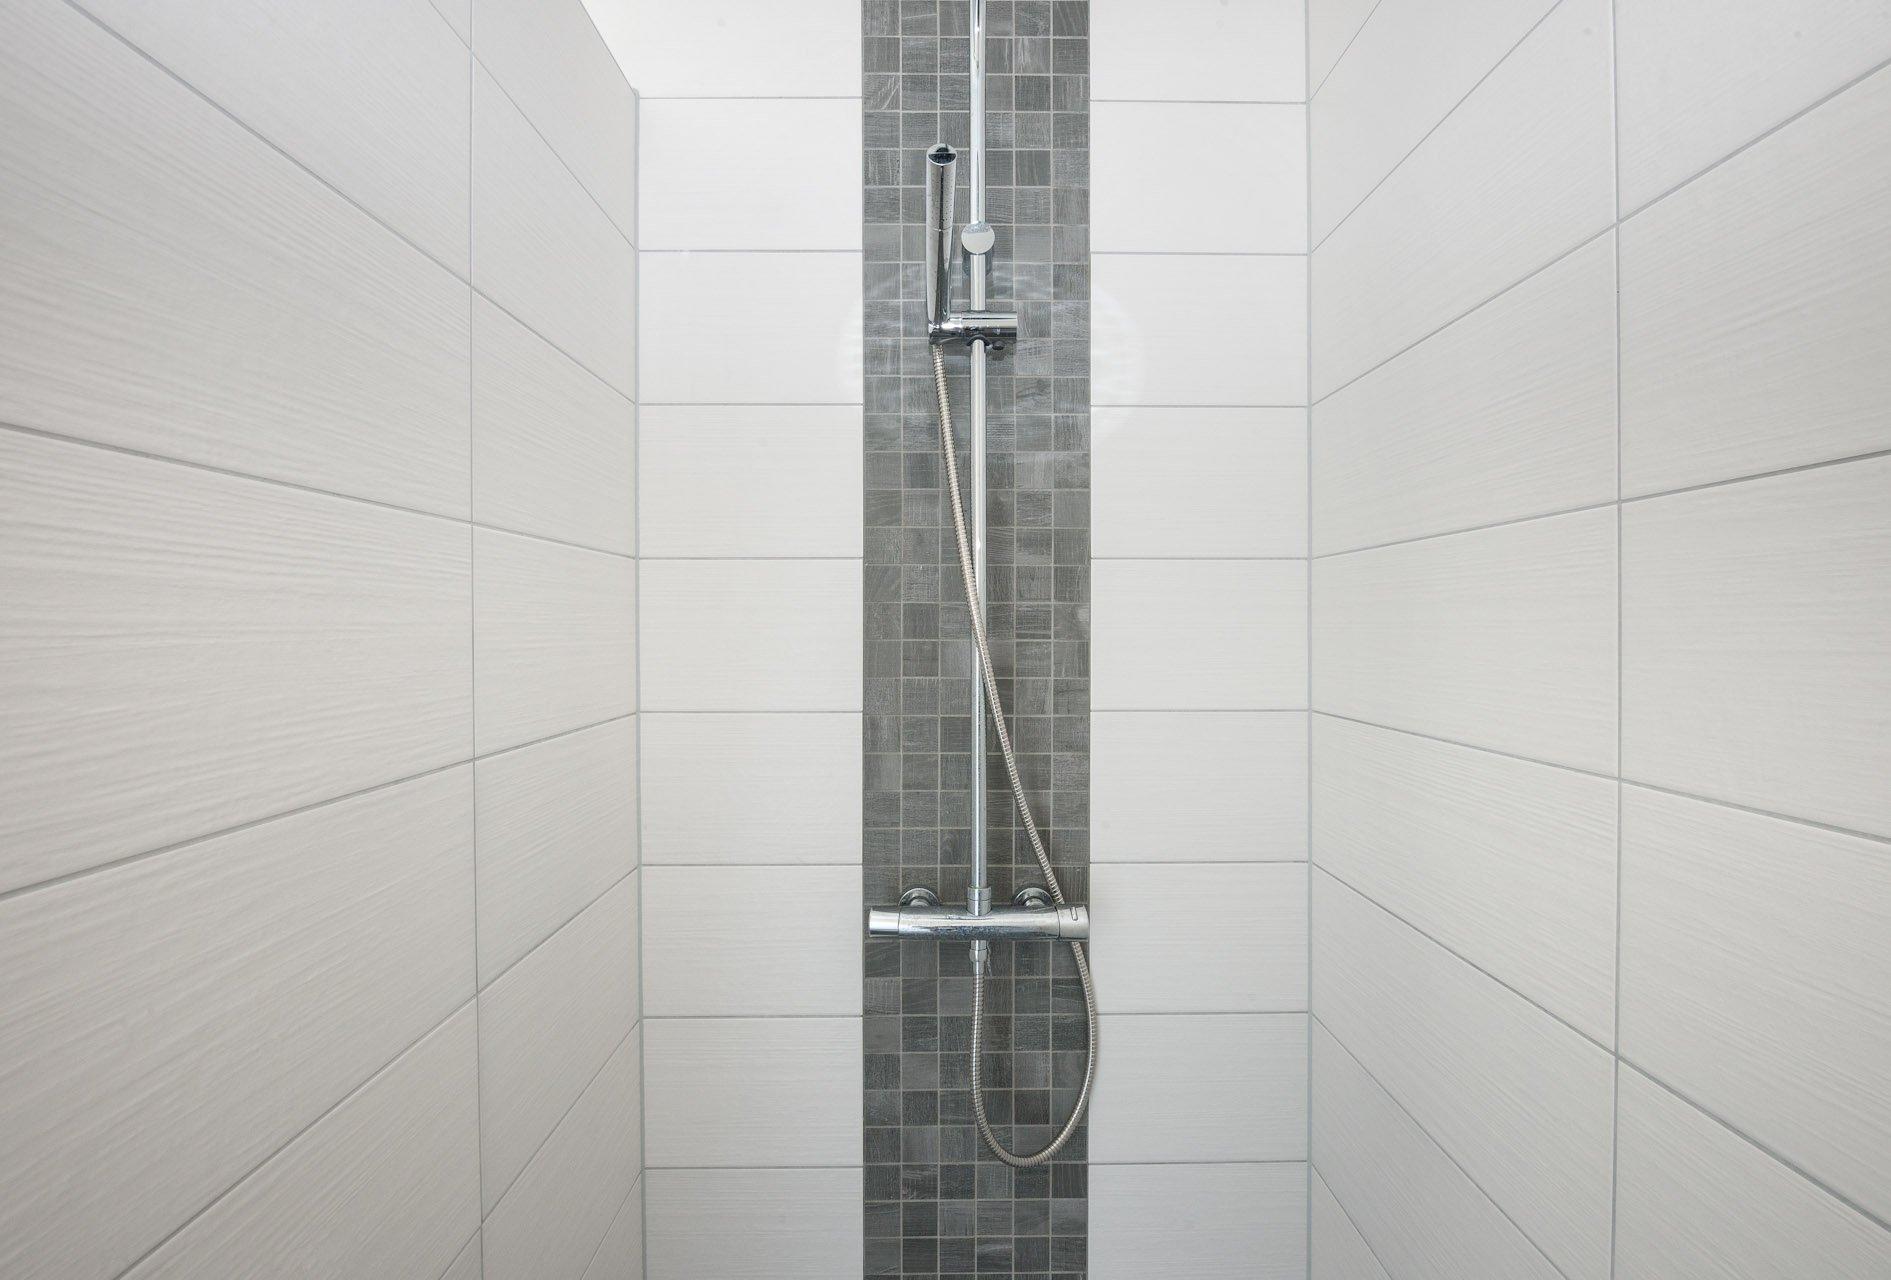 Houtlook tegels in woonkamer en moza ek in toilet kroon - Kleine kamer d water met toilet ...